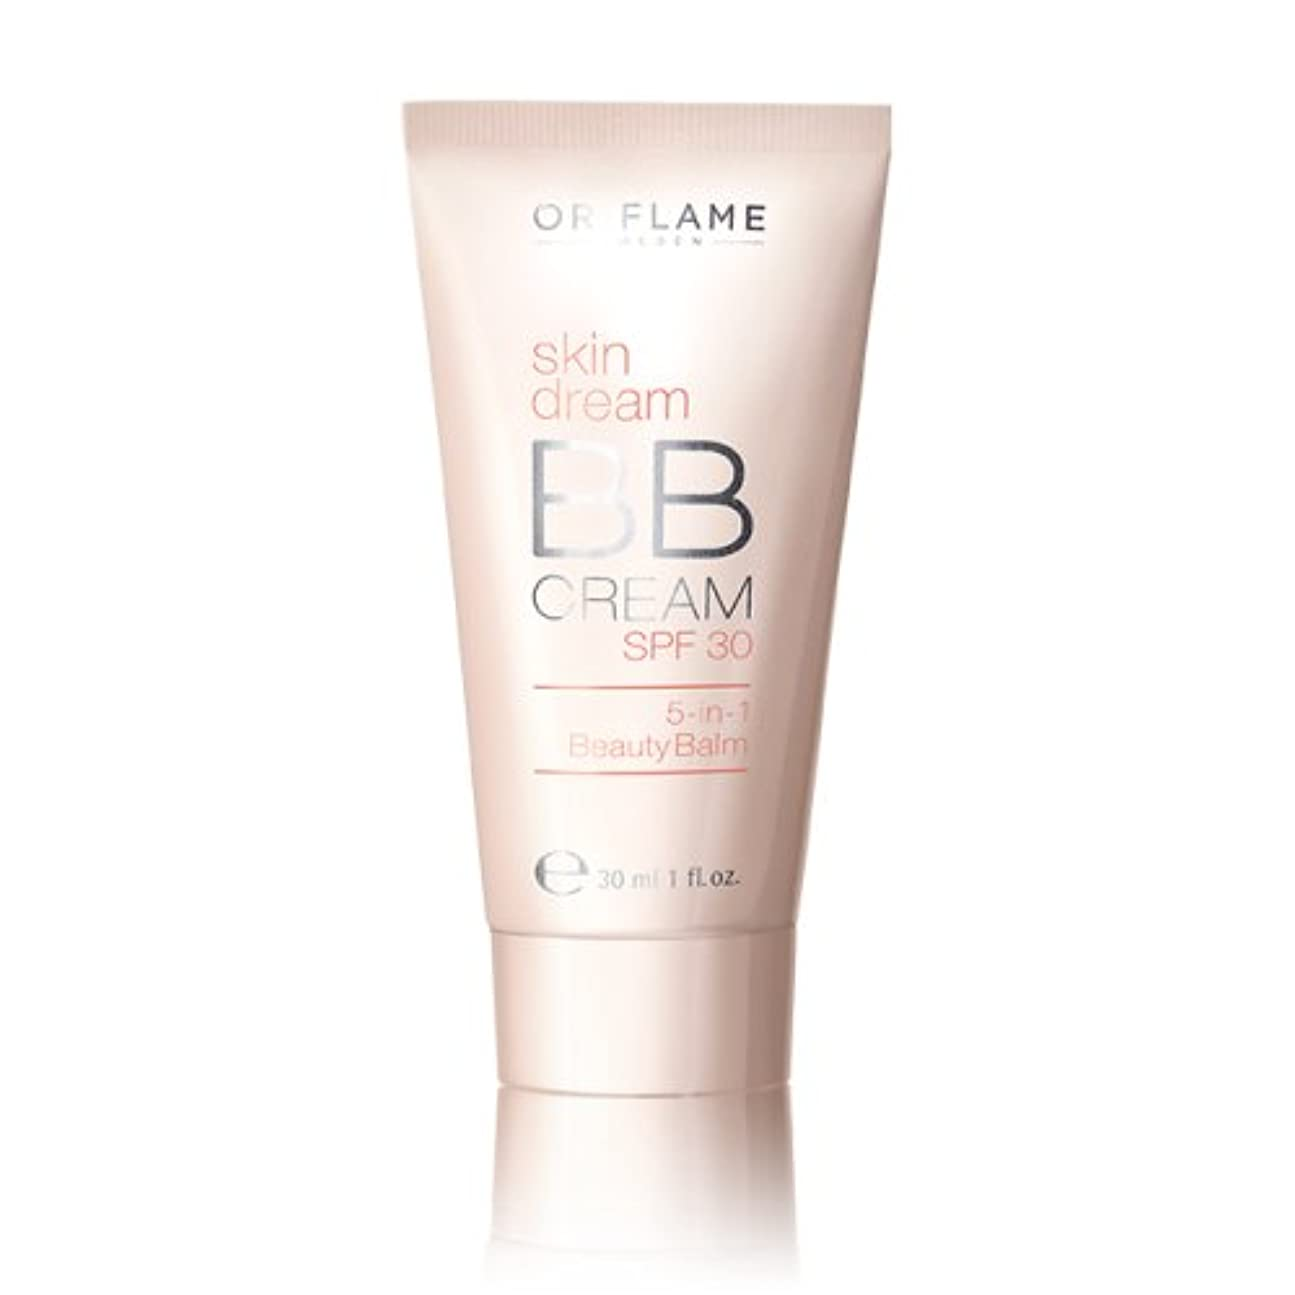 従事するオンス論文OriflameスキンDream BBクリーム( 30 ml )